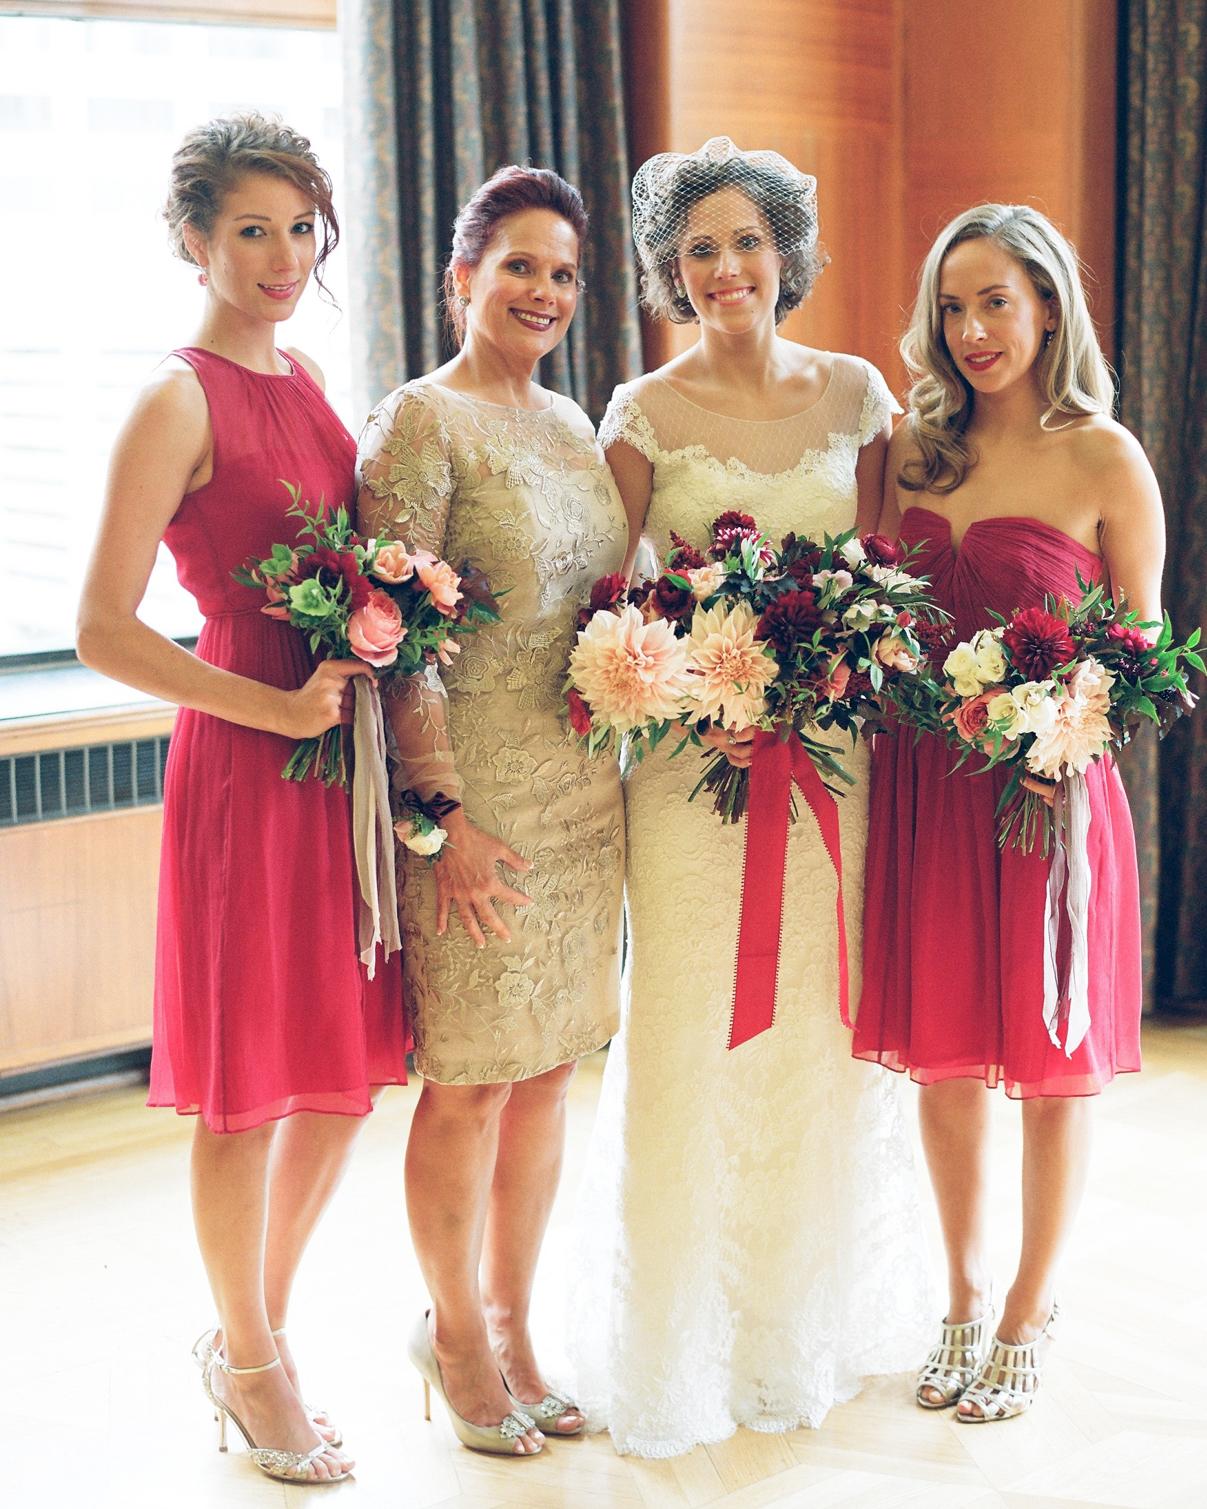 alix-bill-wedding-468-d111617.jpg